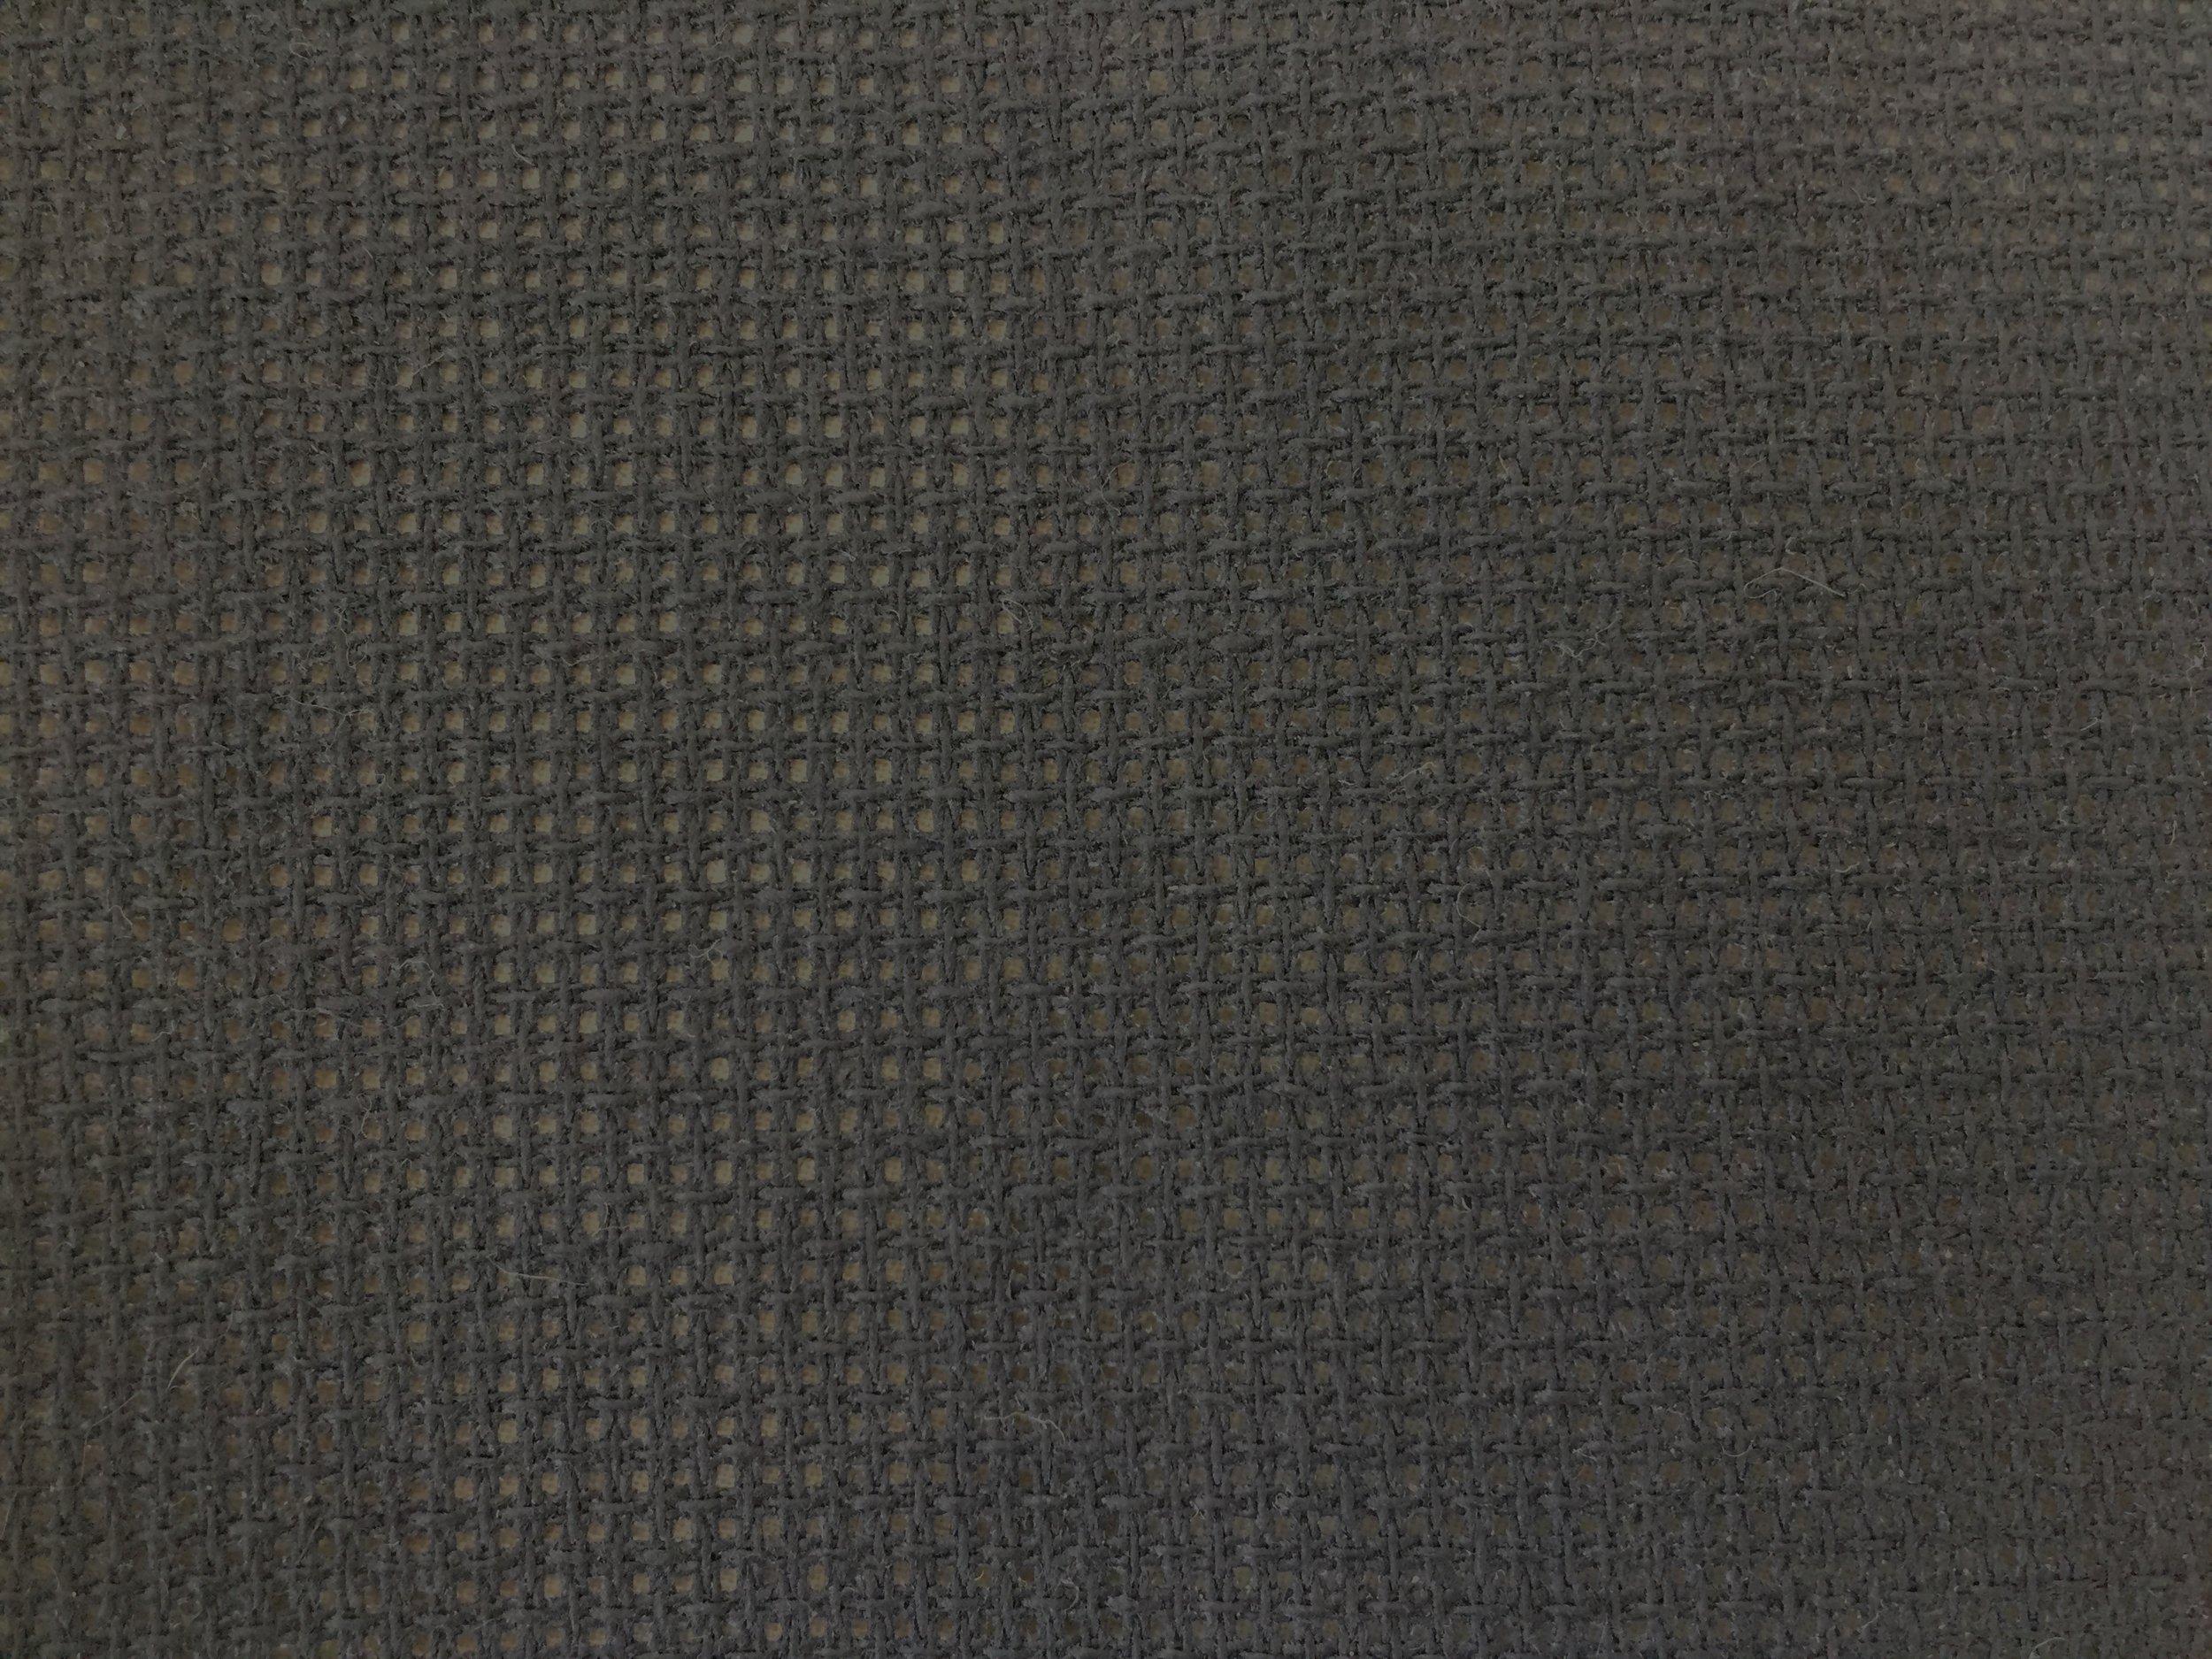 Bungalow - Black